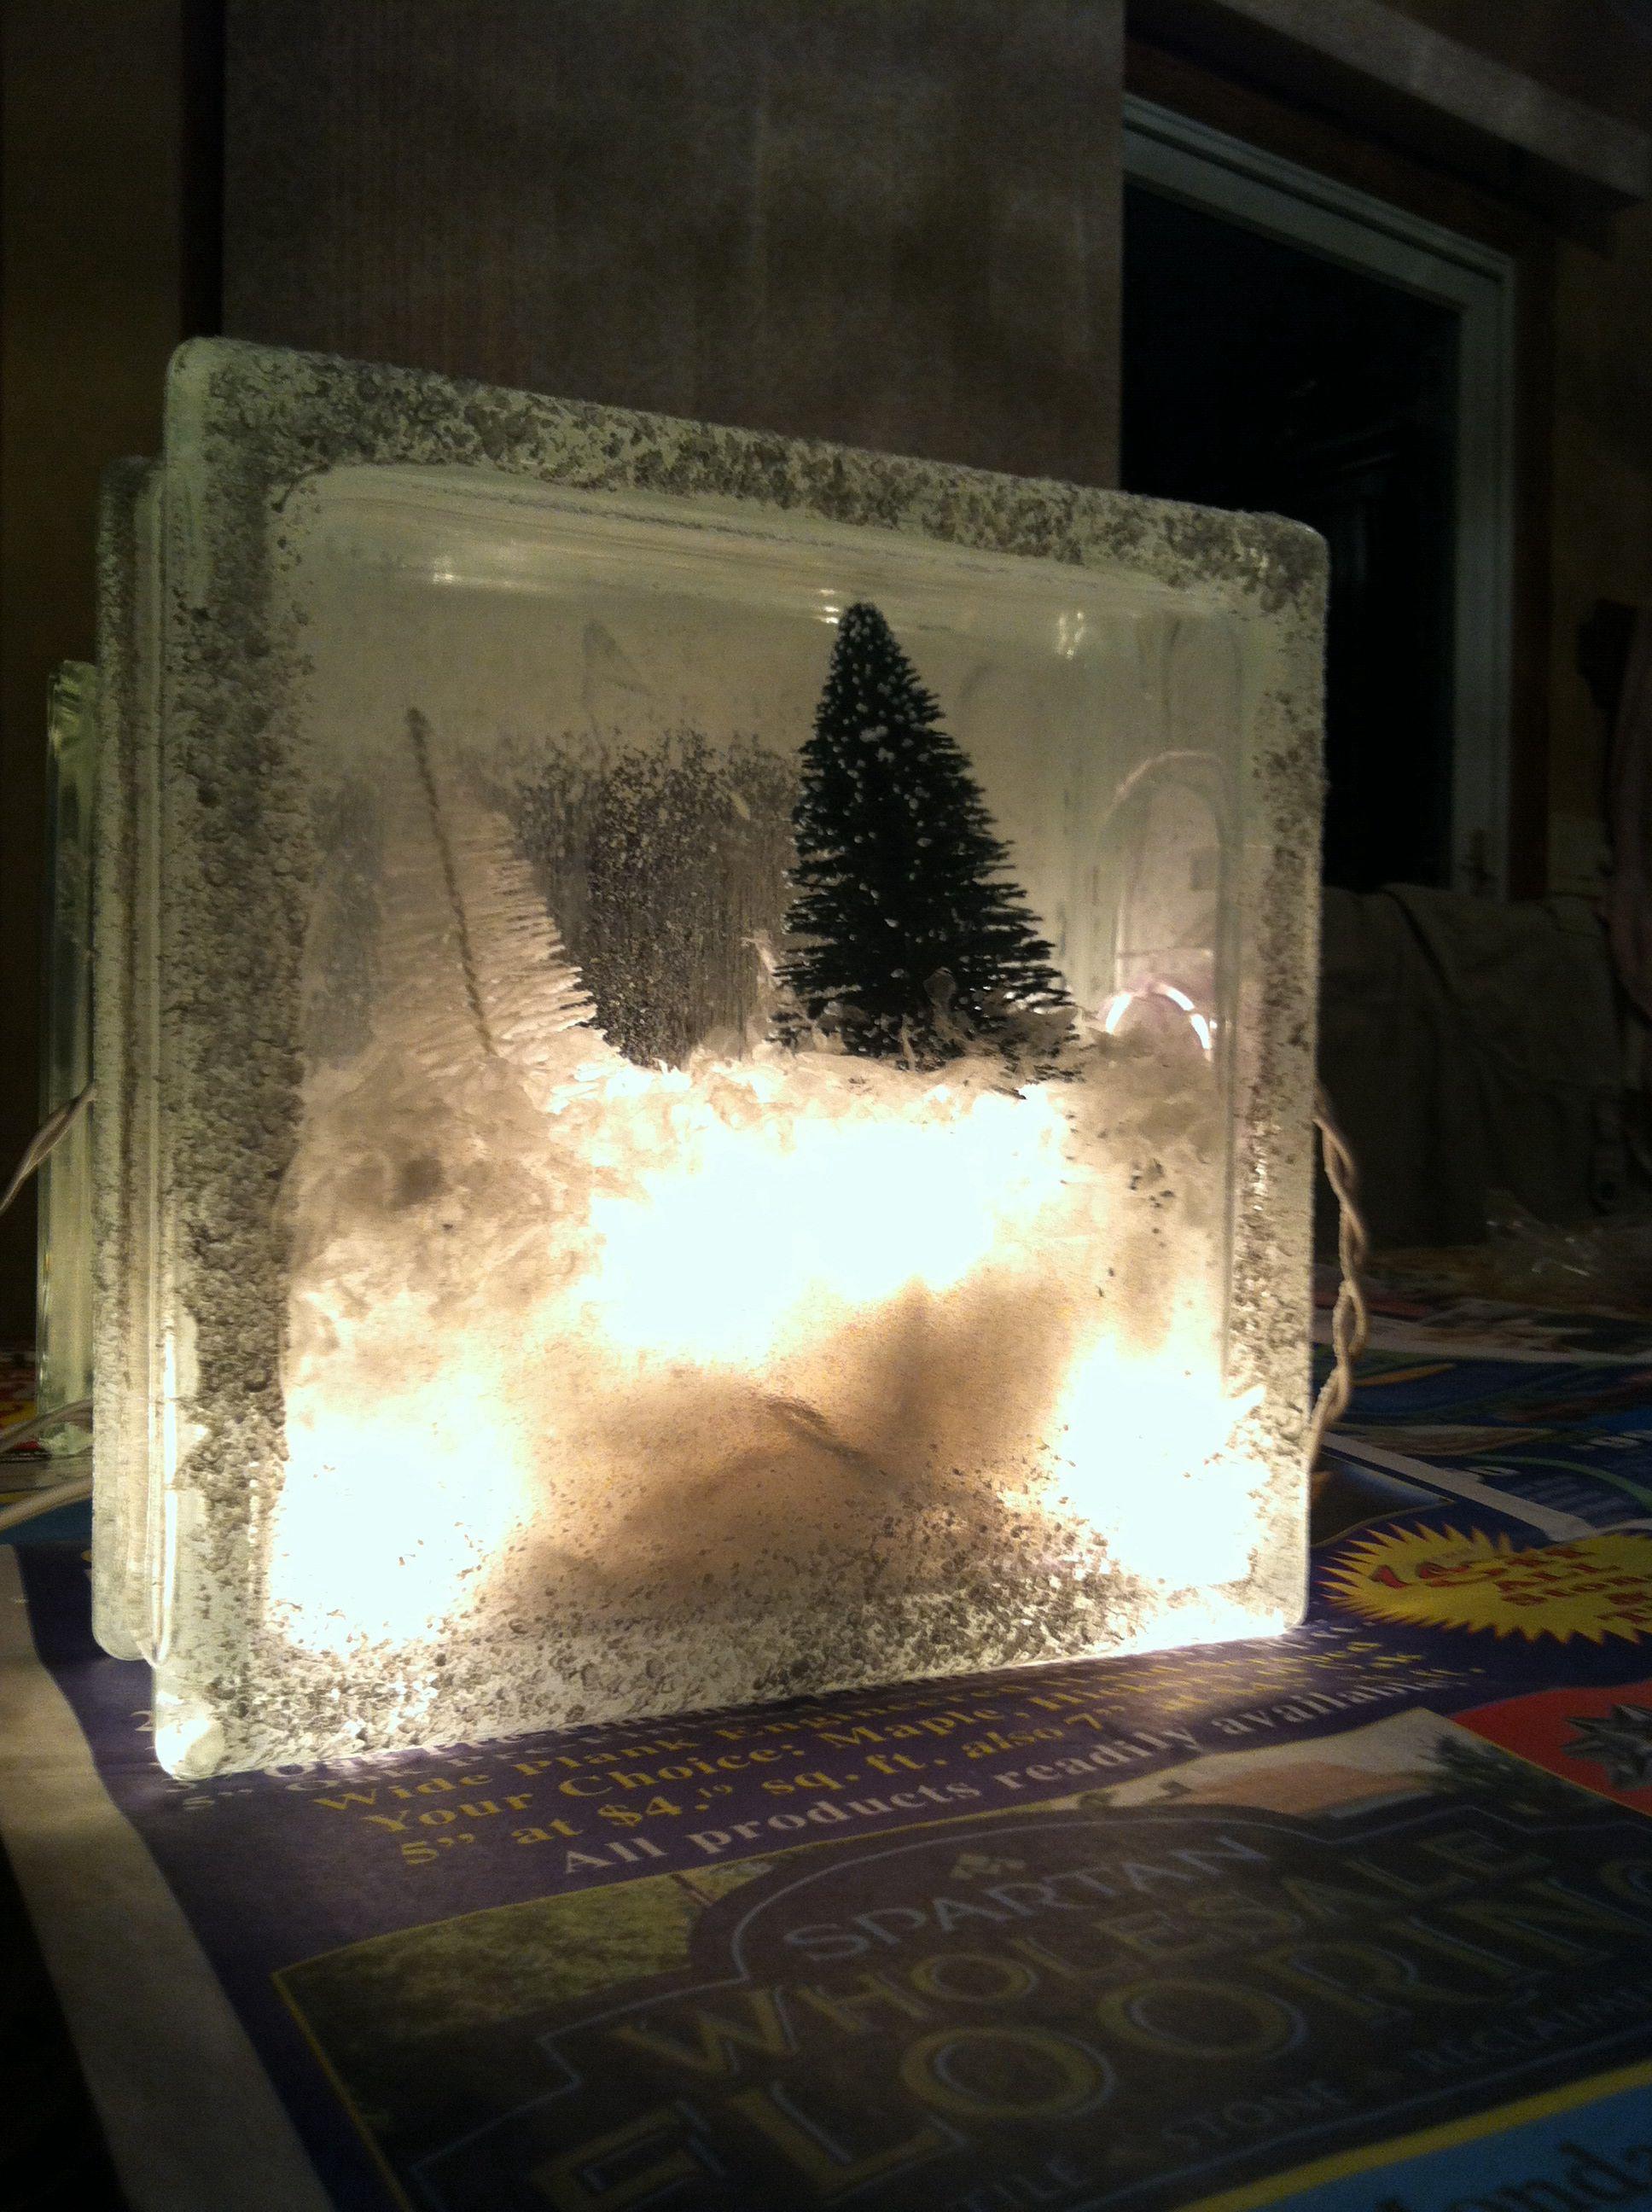 Christmas craft #christmas #craft #diy #christmasdiy #christmascraft #wintercraft #winter #icecube #snow #glasscube